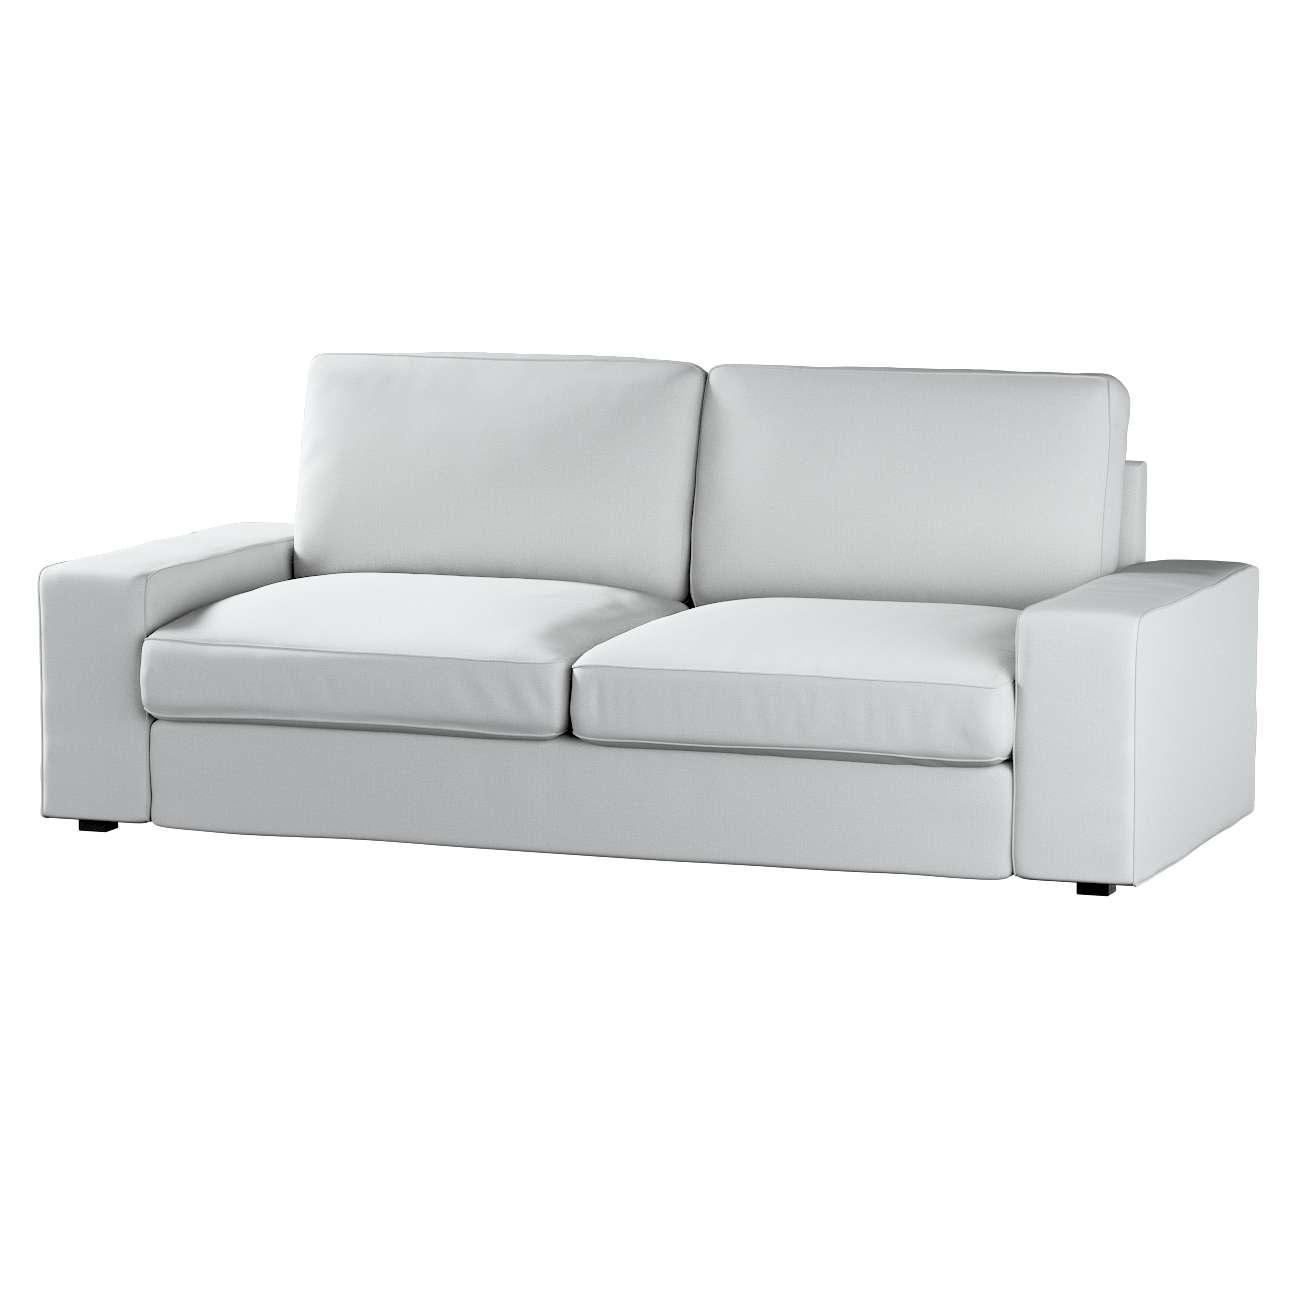 Pokrowiec na sofę Kivik 3-osobową, nierozkładaną w kolekcji Living, tkanina: 161-18